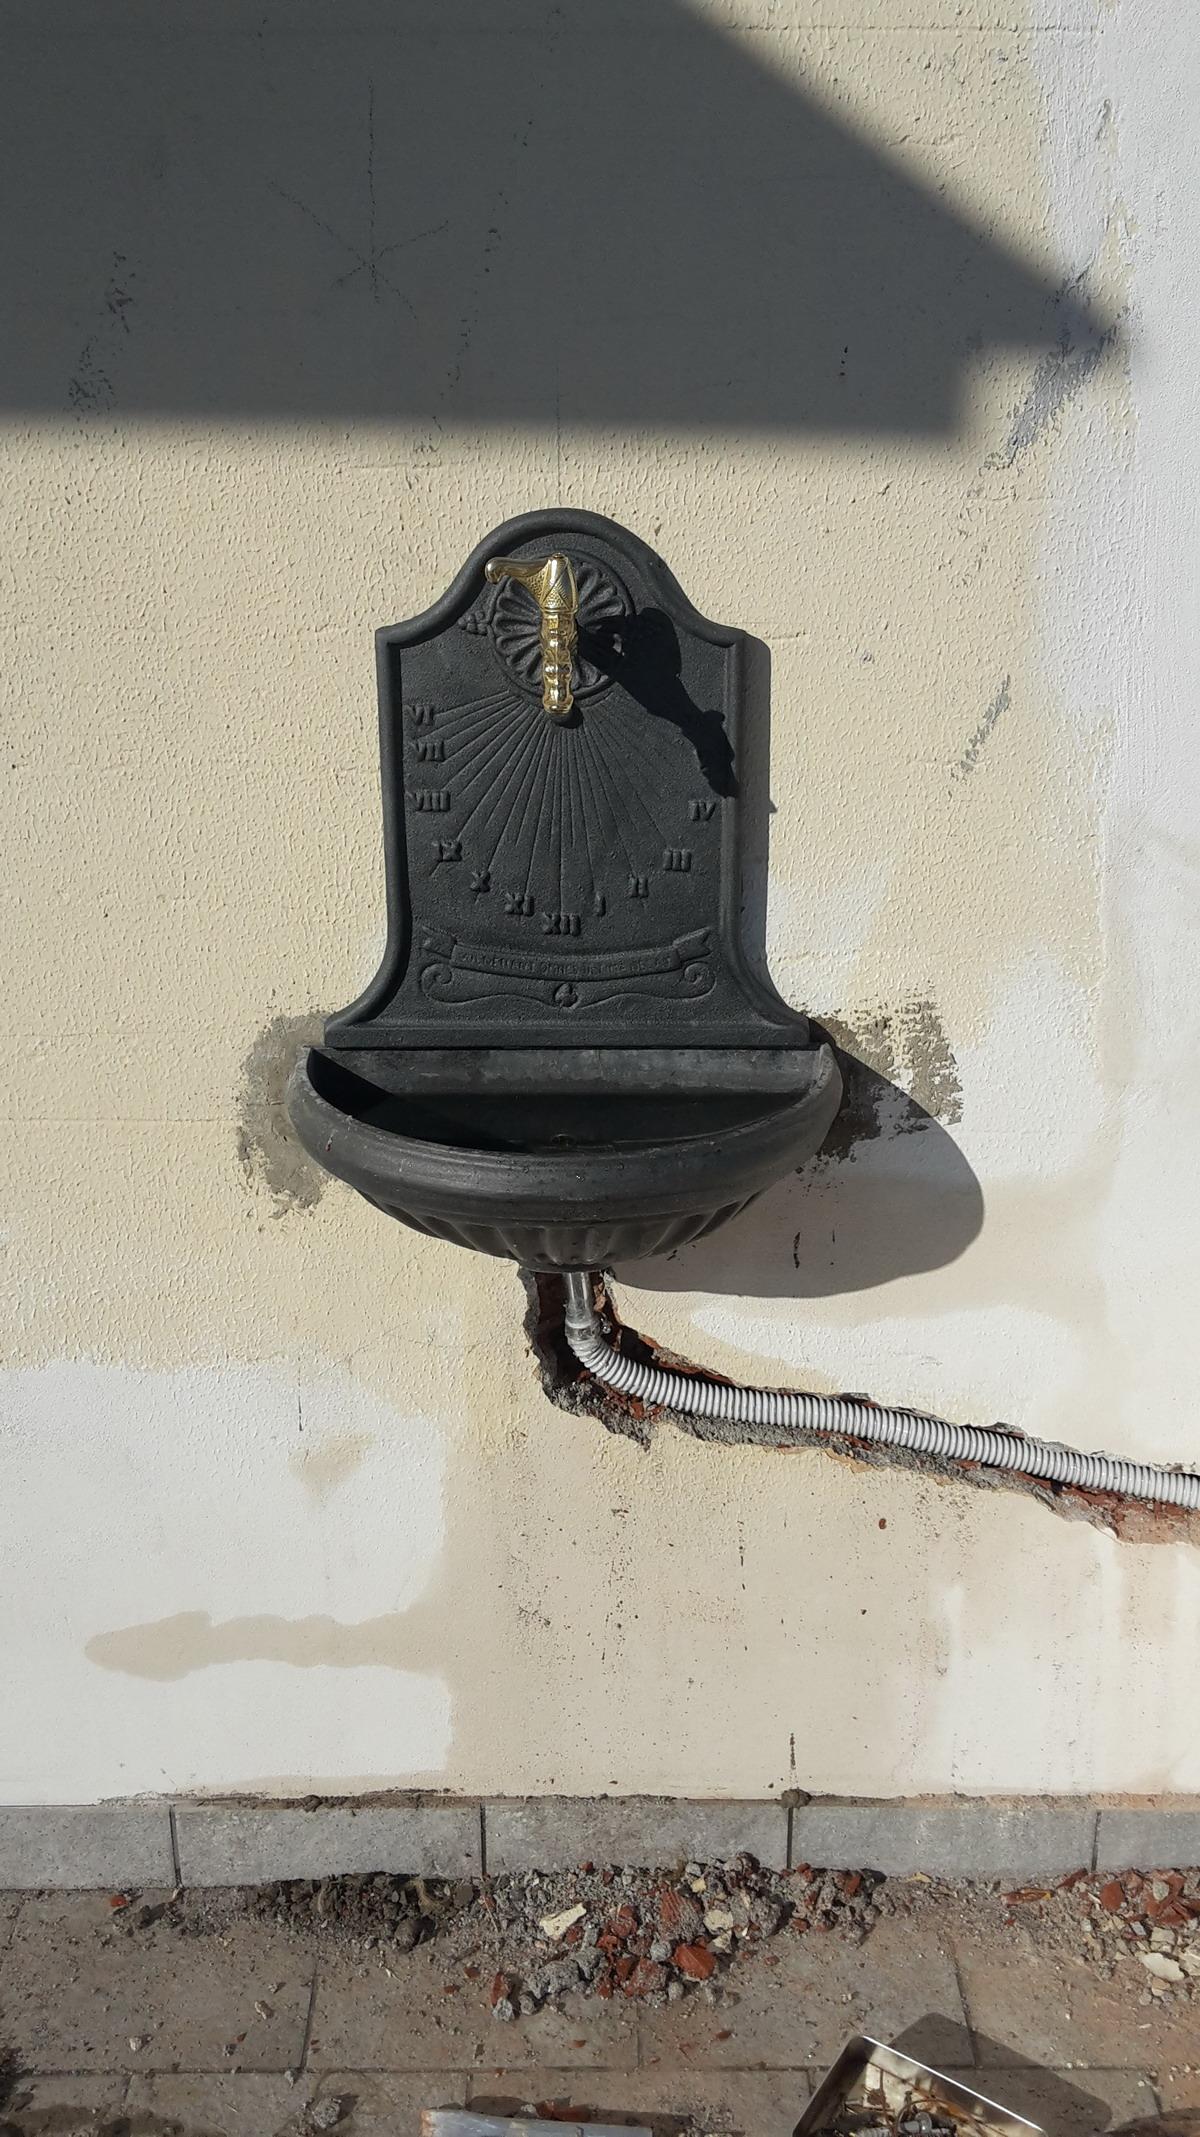 Montaggio fontana muro sospesa - Fontane a muro per esterno ...